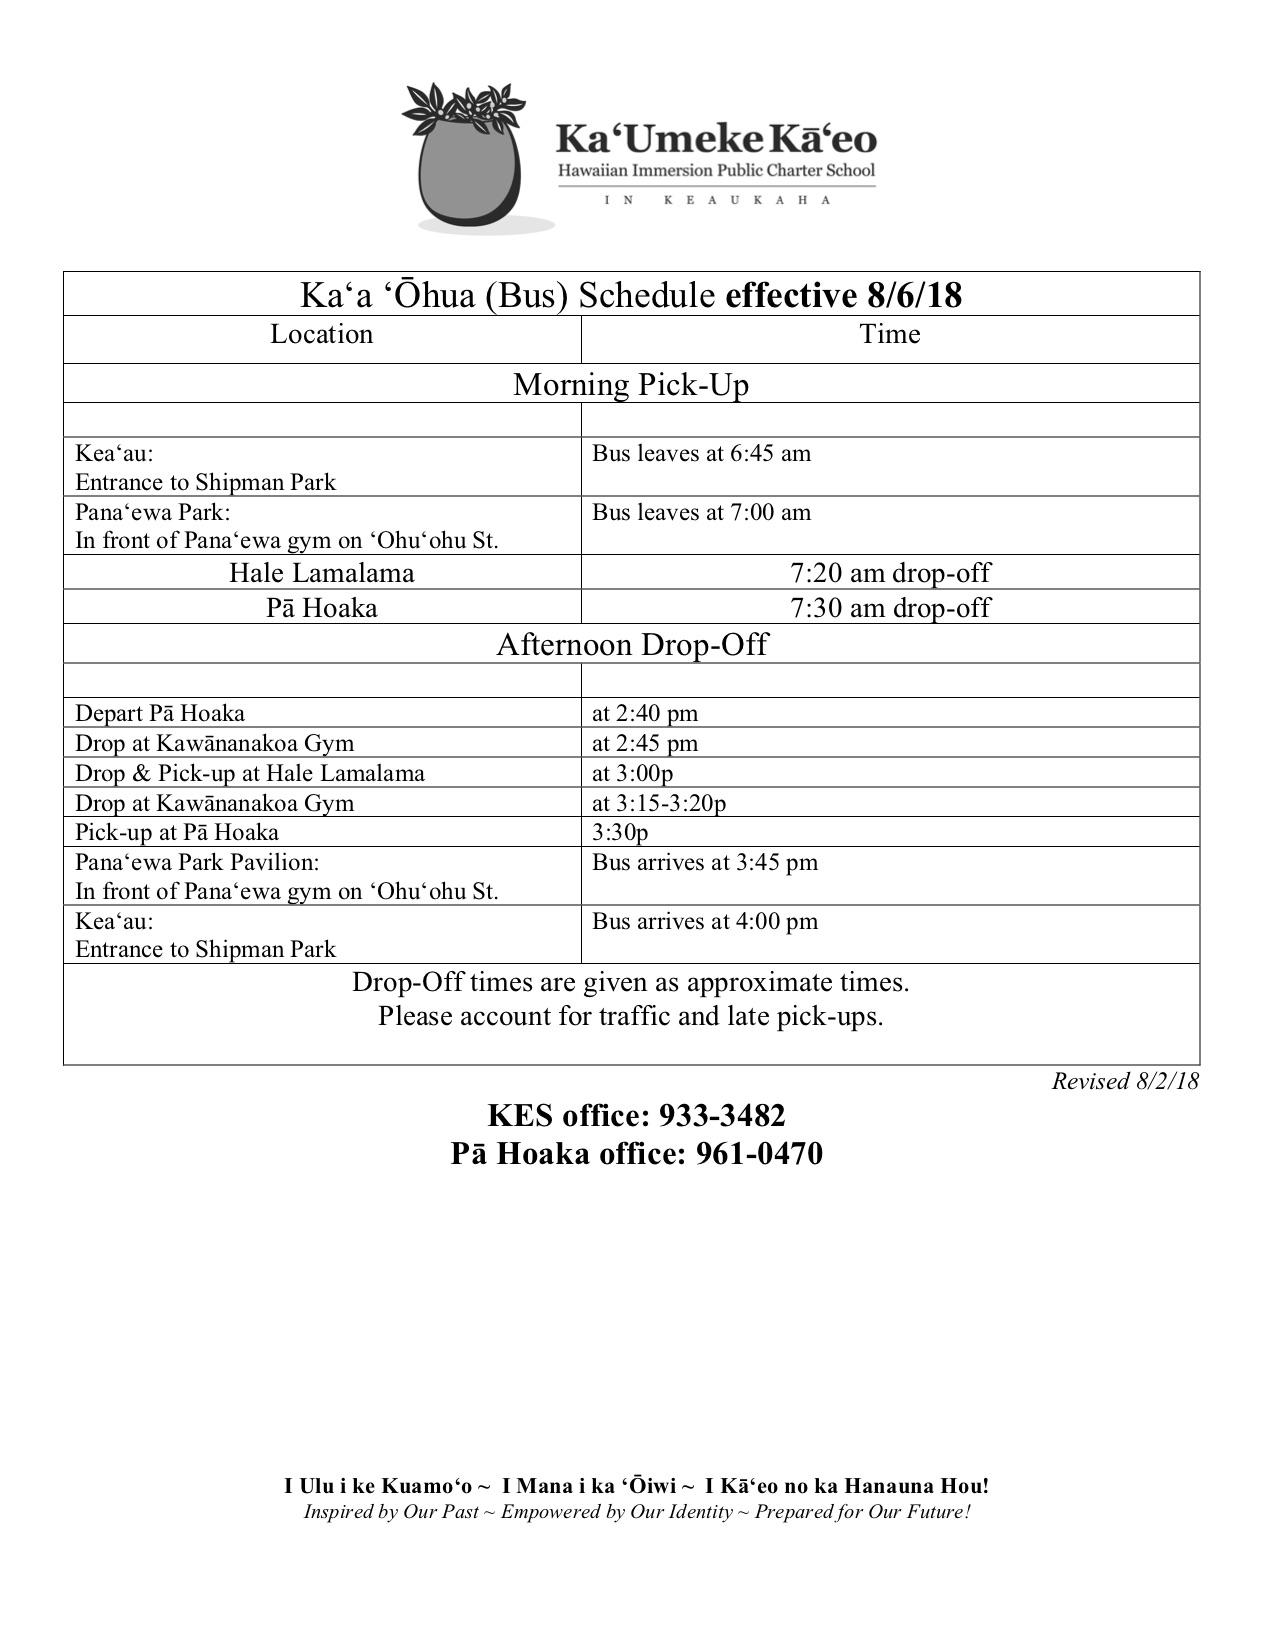 bus schedule rules ka ʻumeke kāʻeo